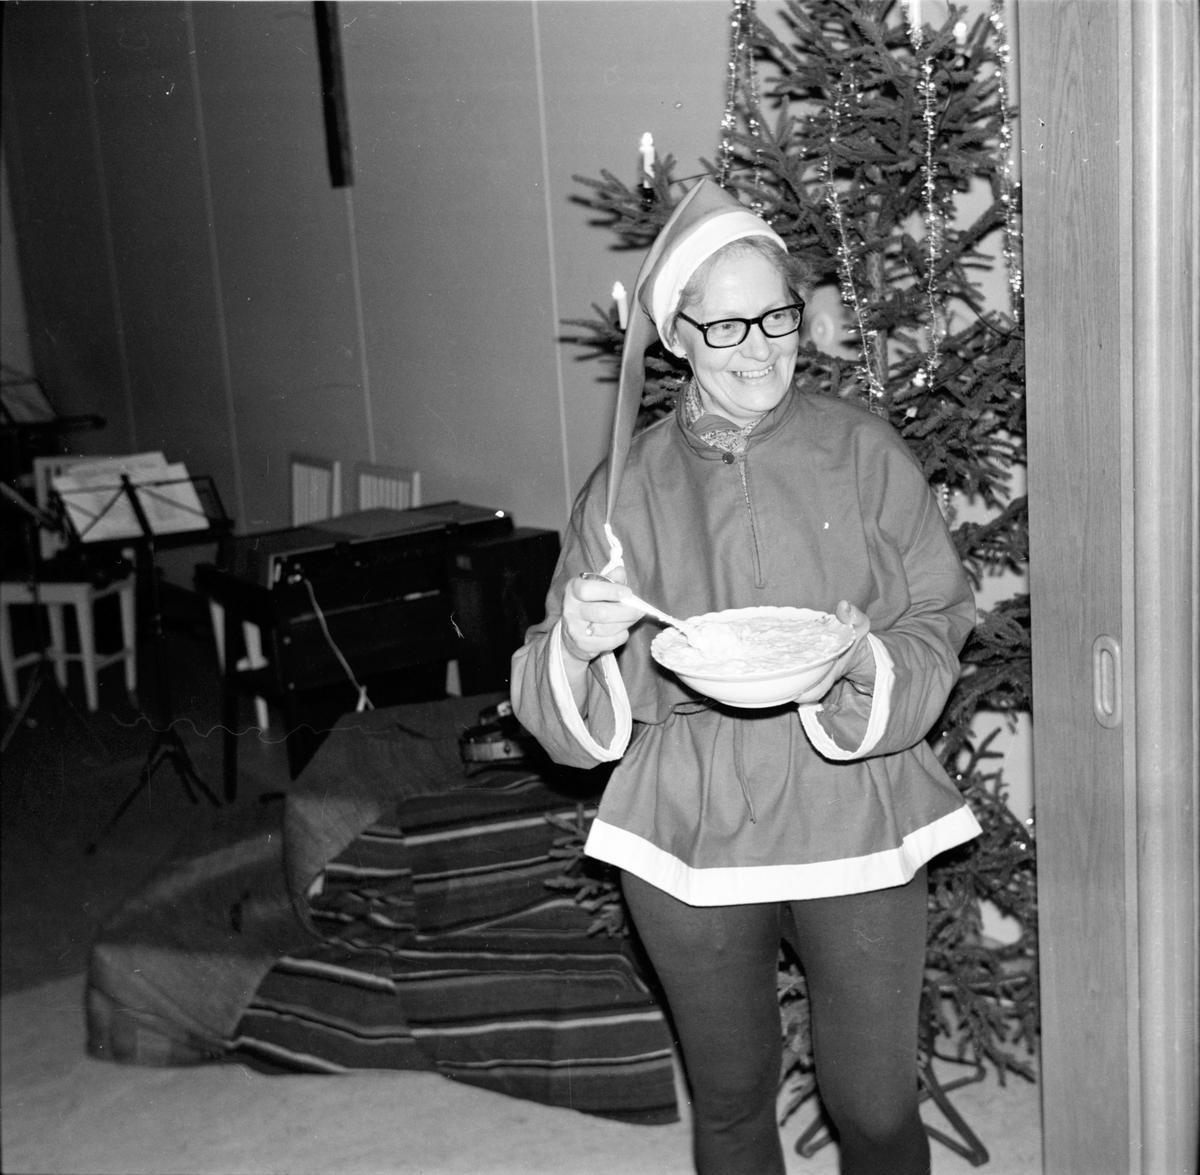 Arbrå, Grötfesten i sockenstugan, Januari 1969